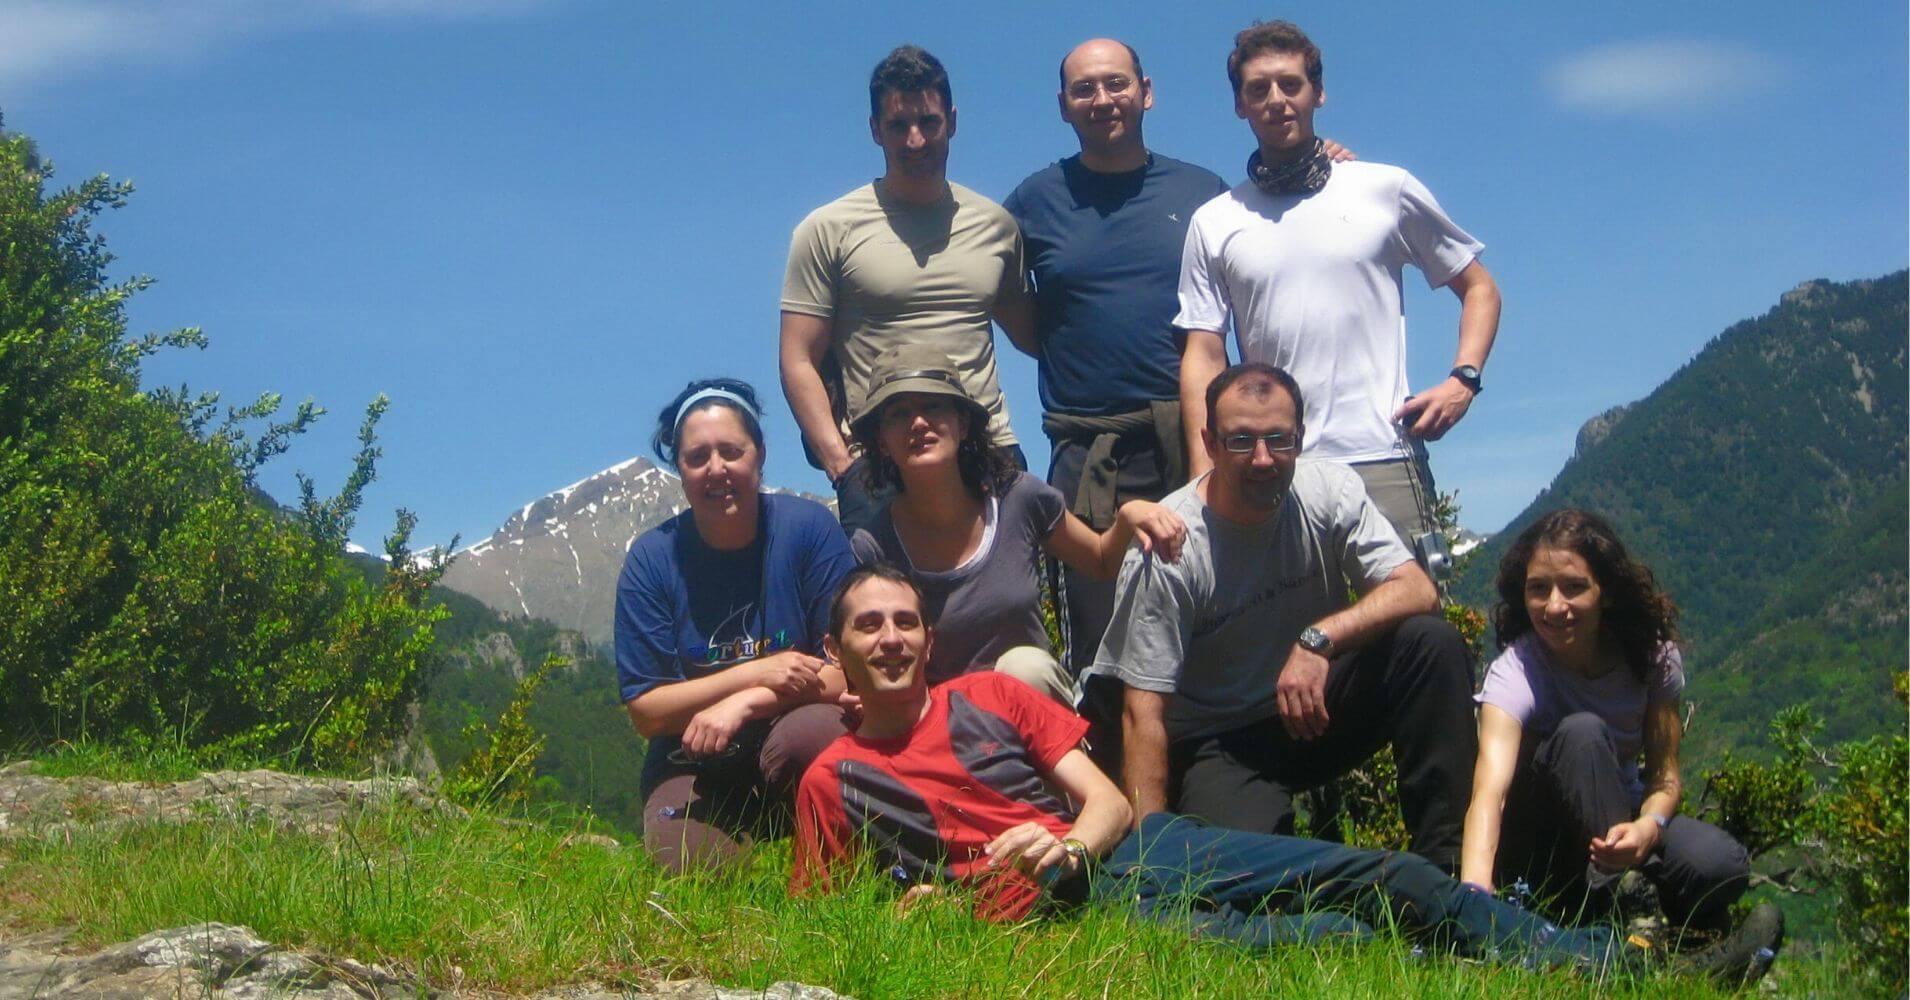 Componentes del Grupo de la Ruta PR HU 137 de Bielsa a Tella. Huesca, Aragón.